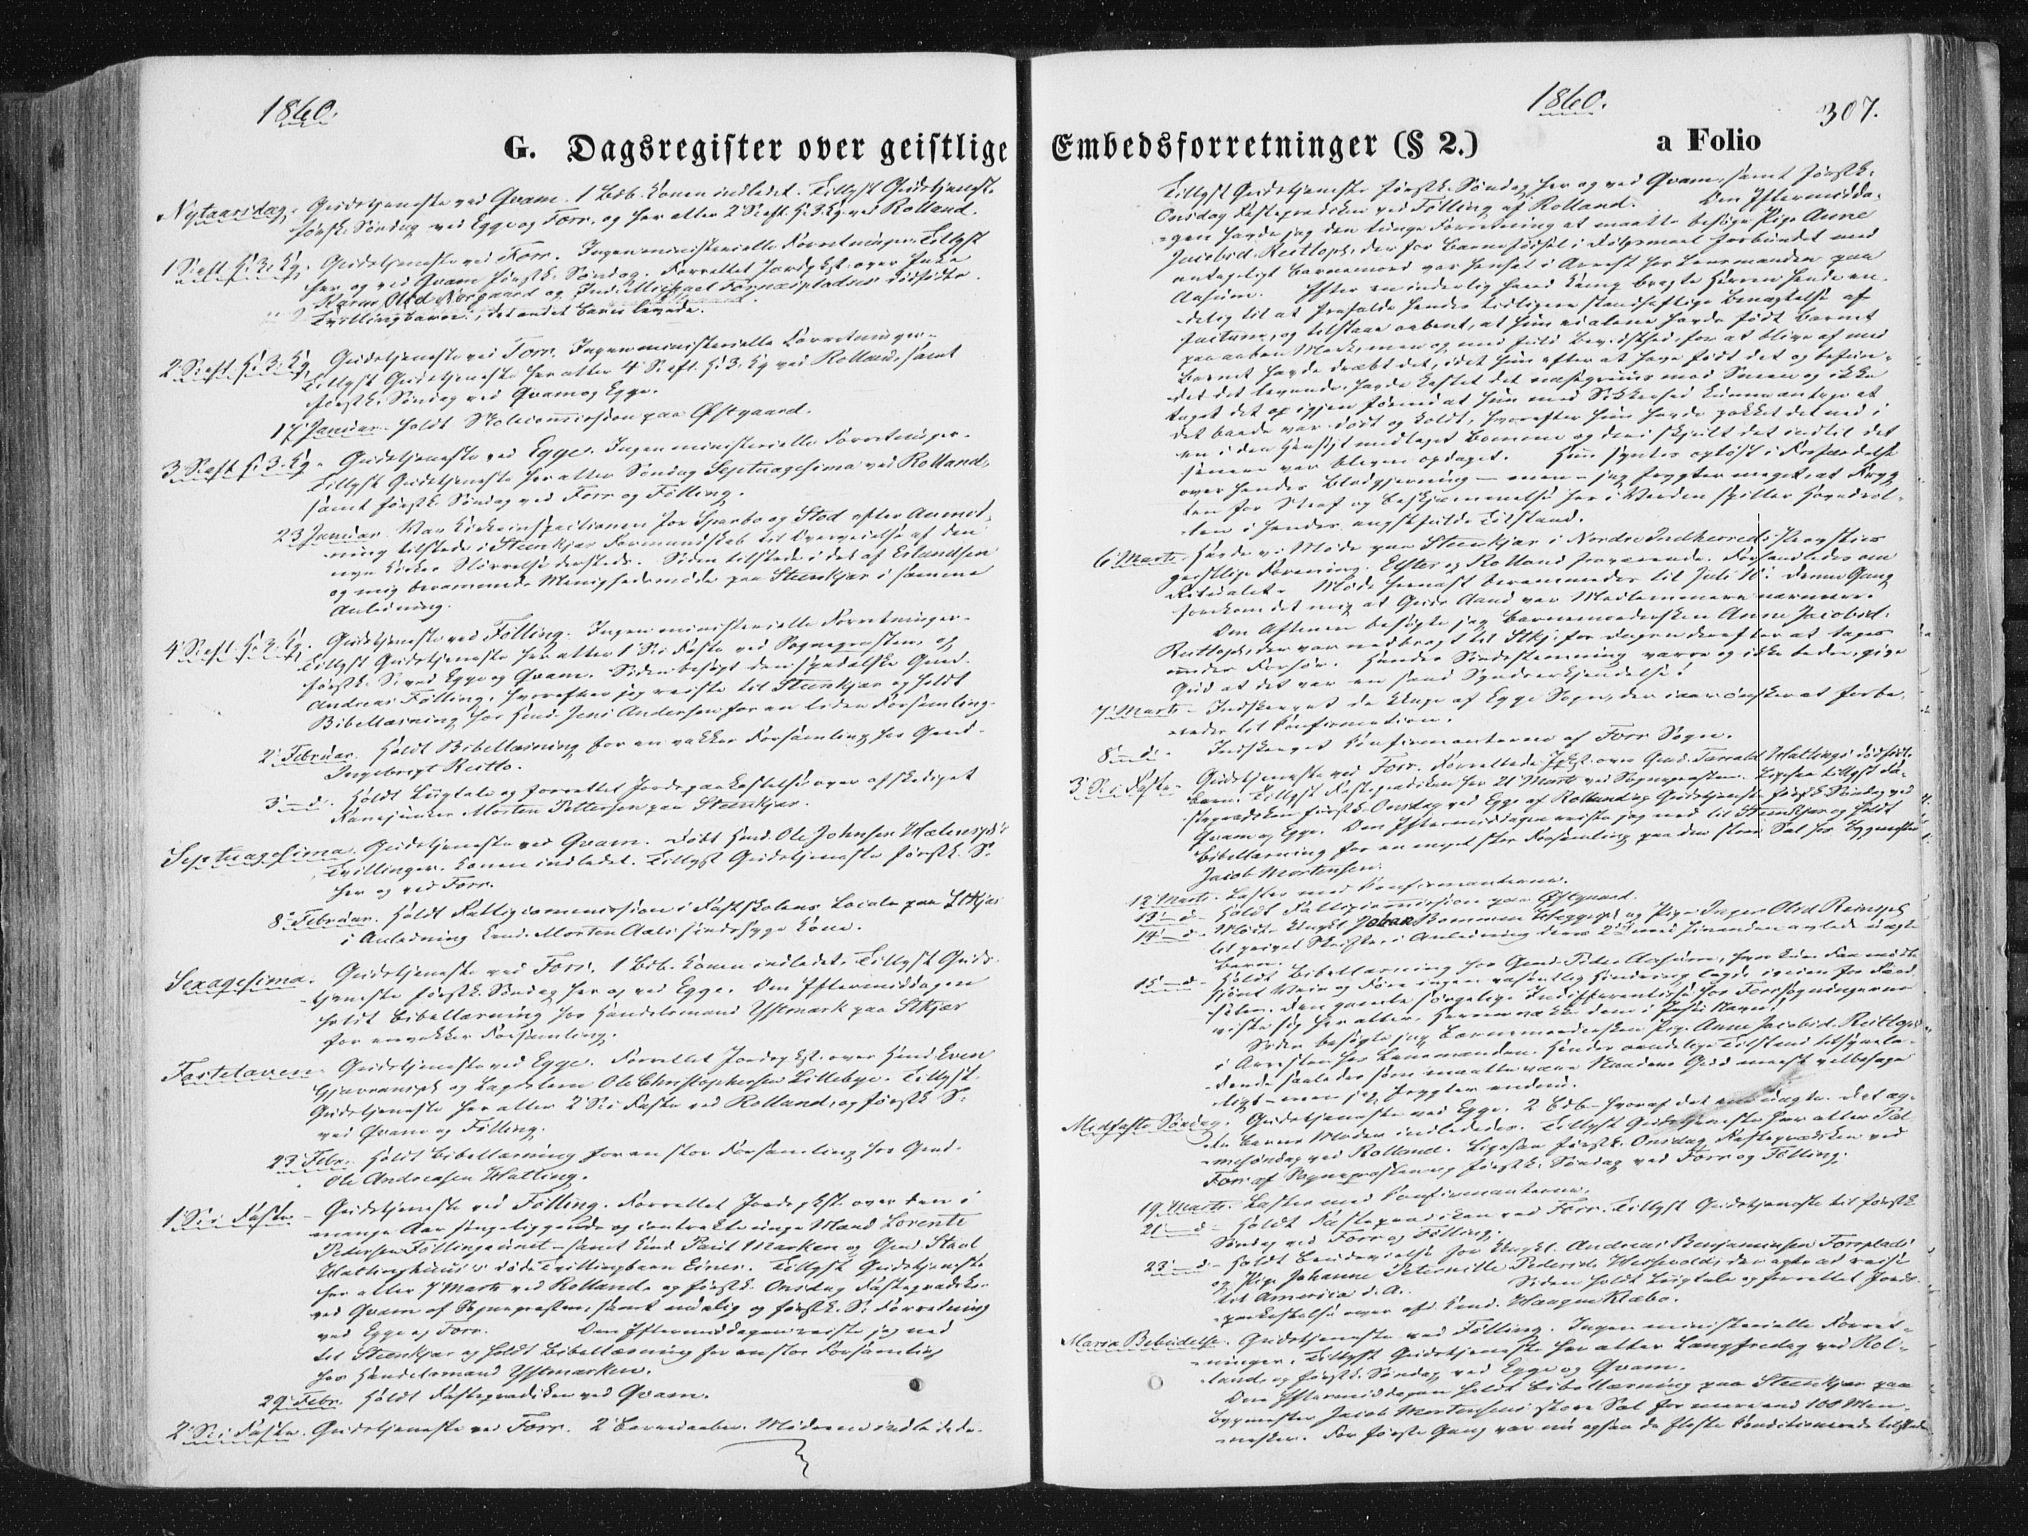 SAT, Ministerialprotokoller, klokkerbøker og fødselsregistre - Nord-Trøndelag, 746/L0447: Ministerialbok nr. 746A06, 1860-1877, s. 307